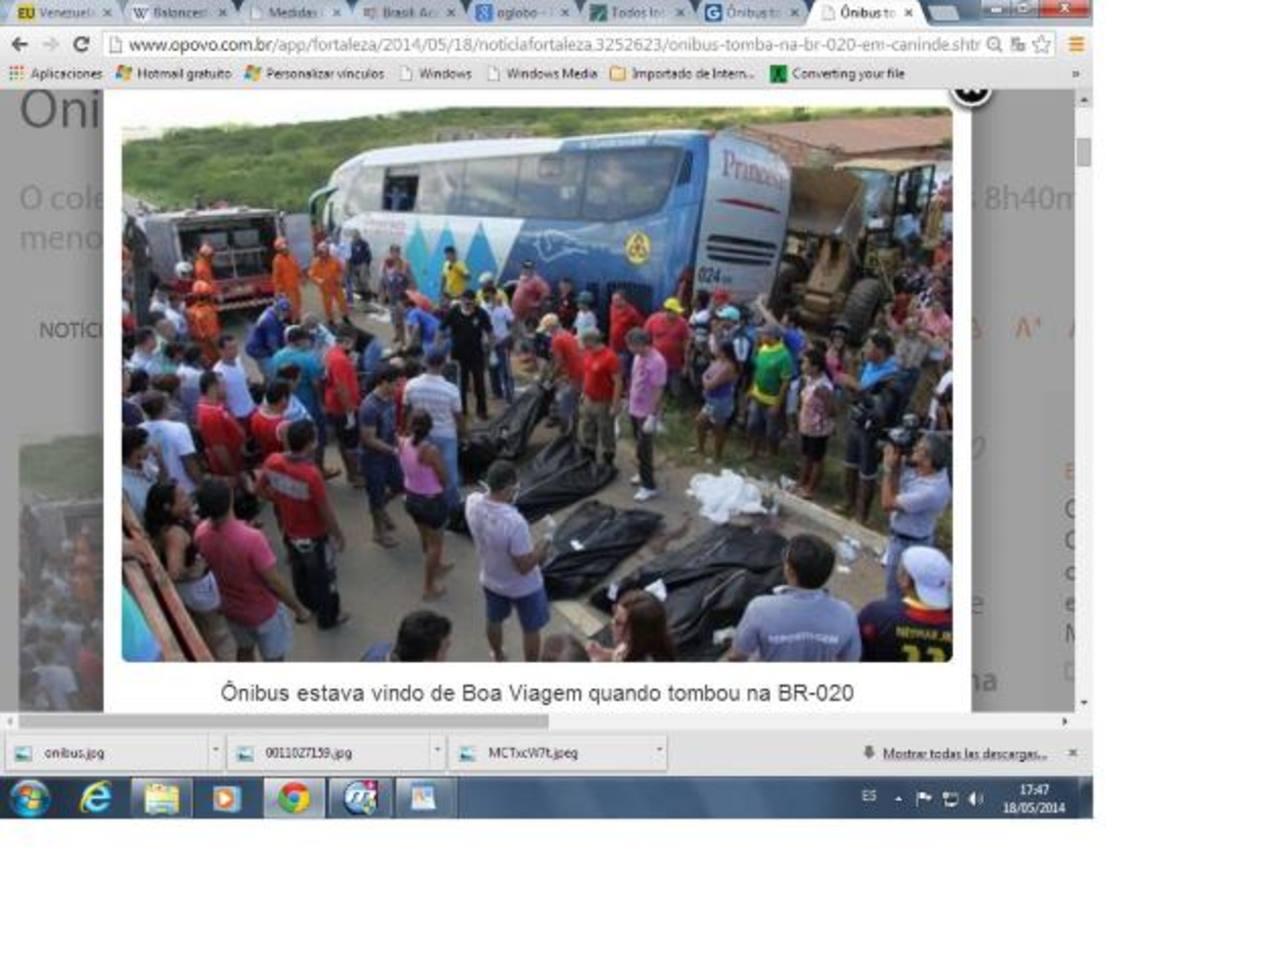 En el momento del accidente viajaban en el autobús un total de 41 personas. Foto edh / tomada de www.opovo.com.br/